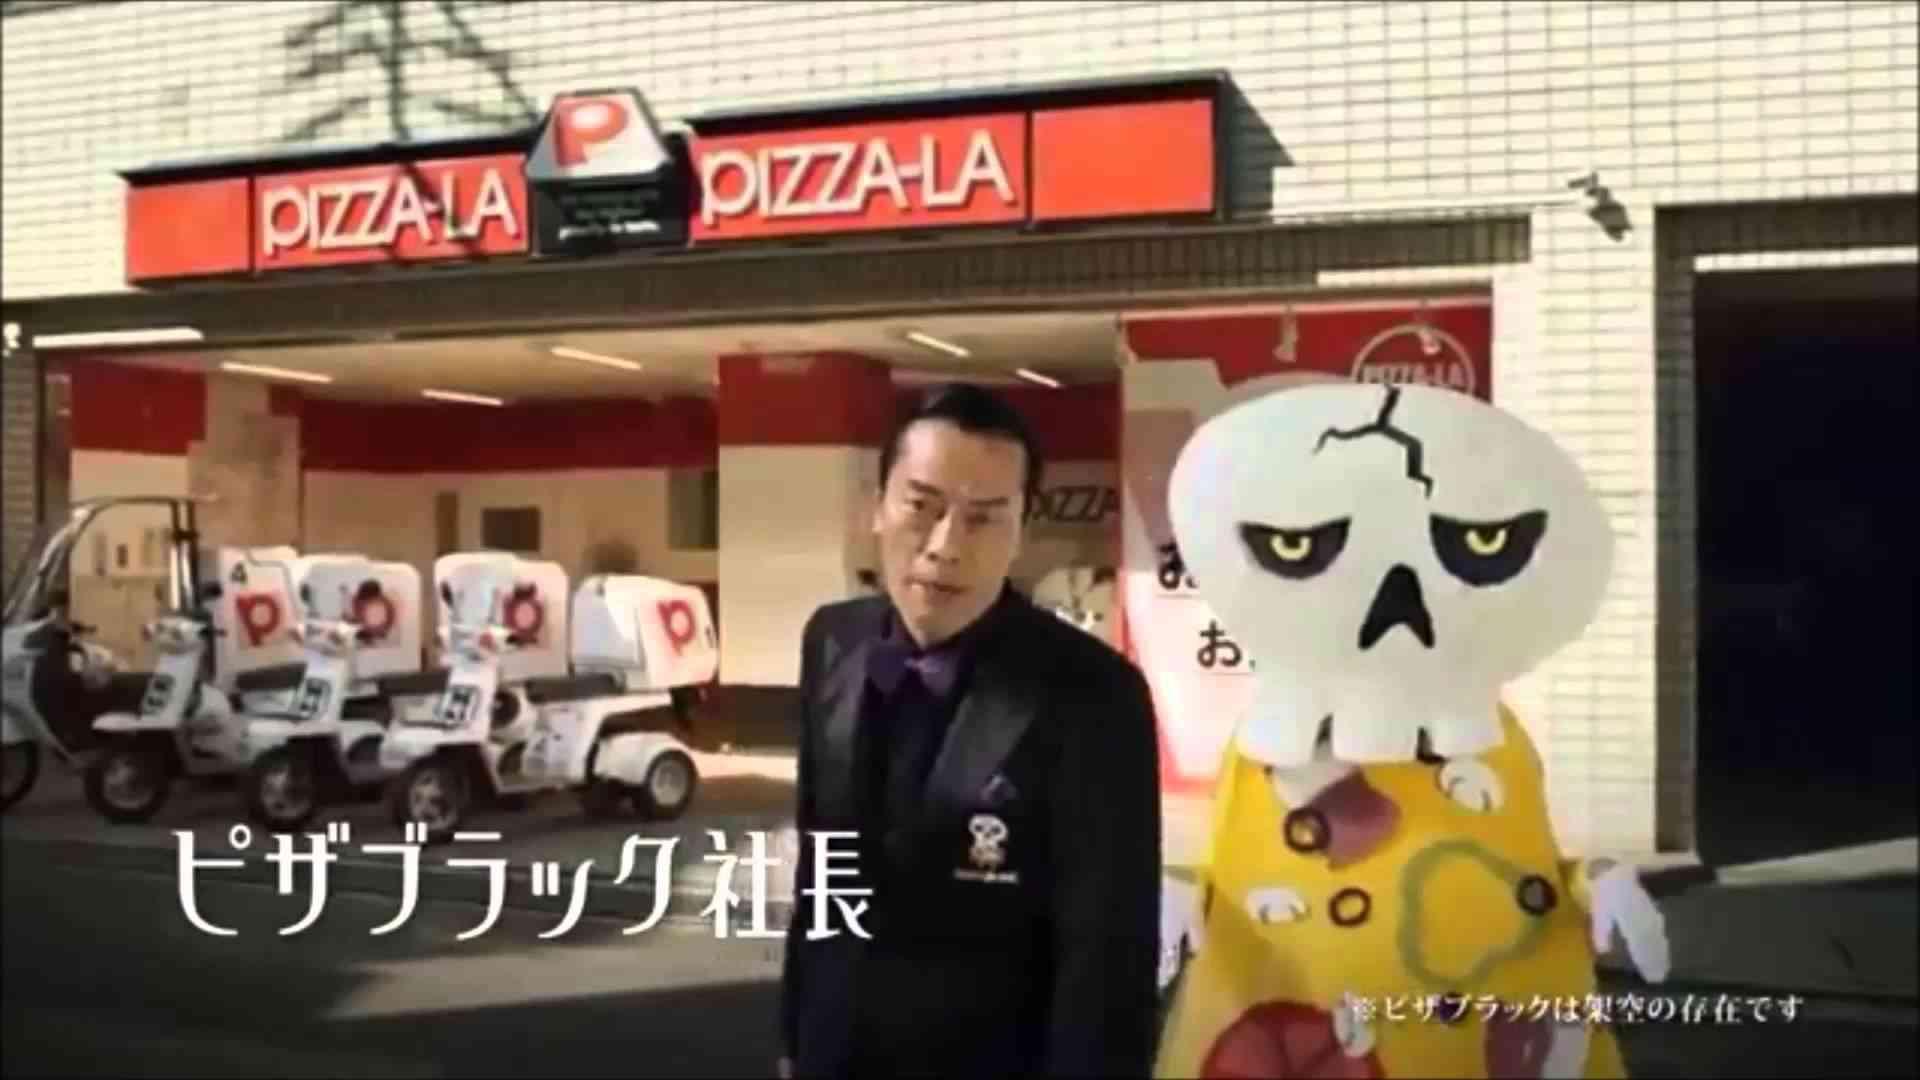 遠藤憲一  【話題の笑えるCM】  ピザーラVSピザブラック - YouTube